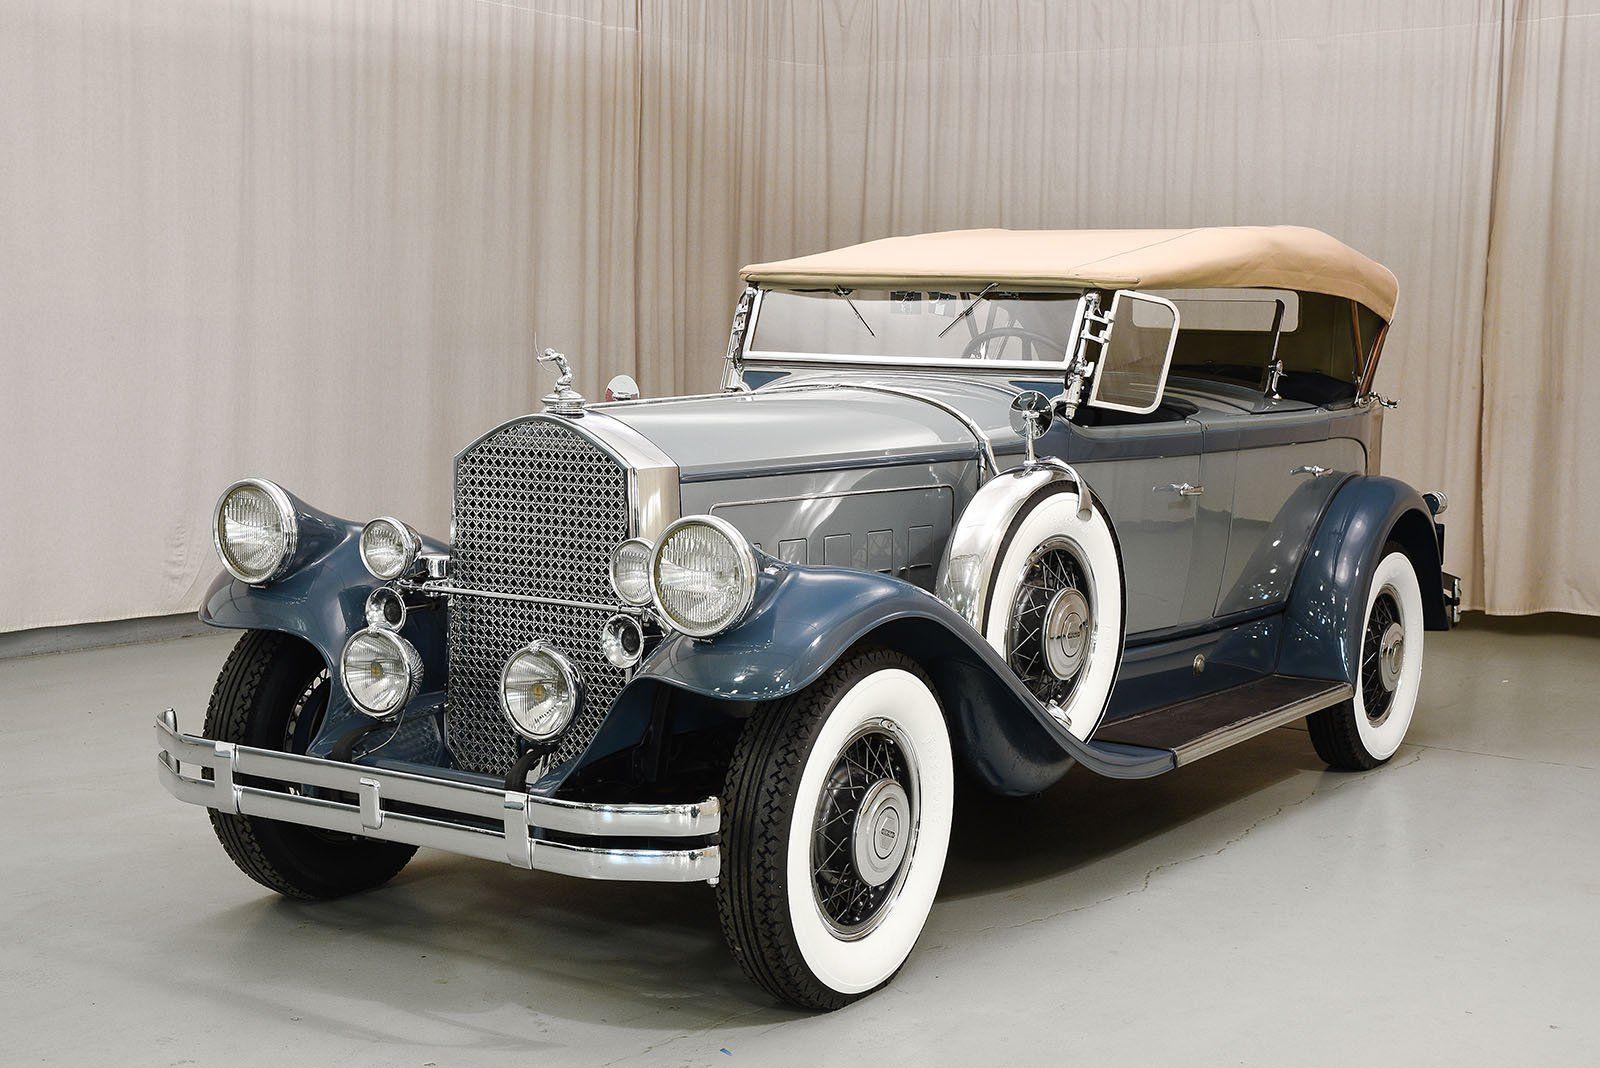 1930 Pierce Arrow Model B - Hyman Ltd. Classic Cars | Cars ...